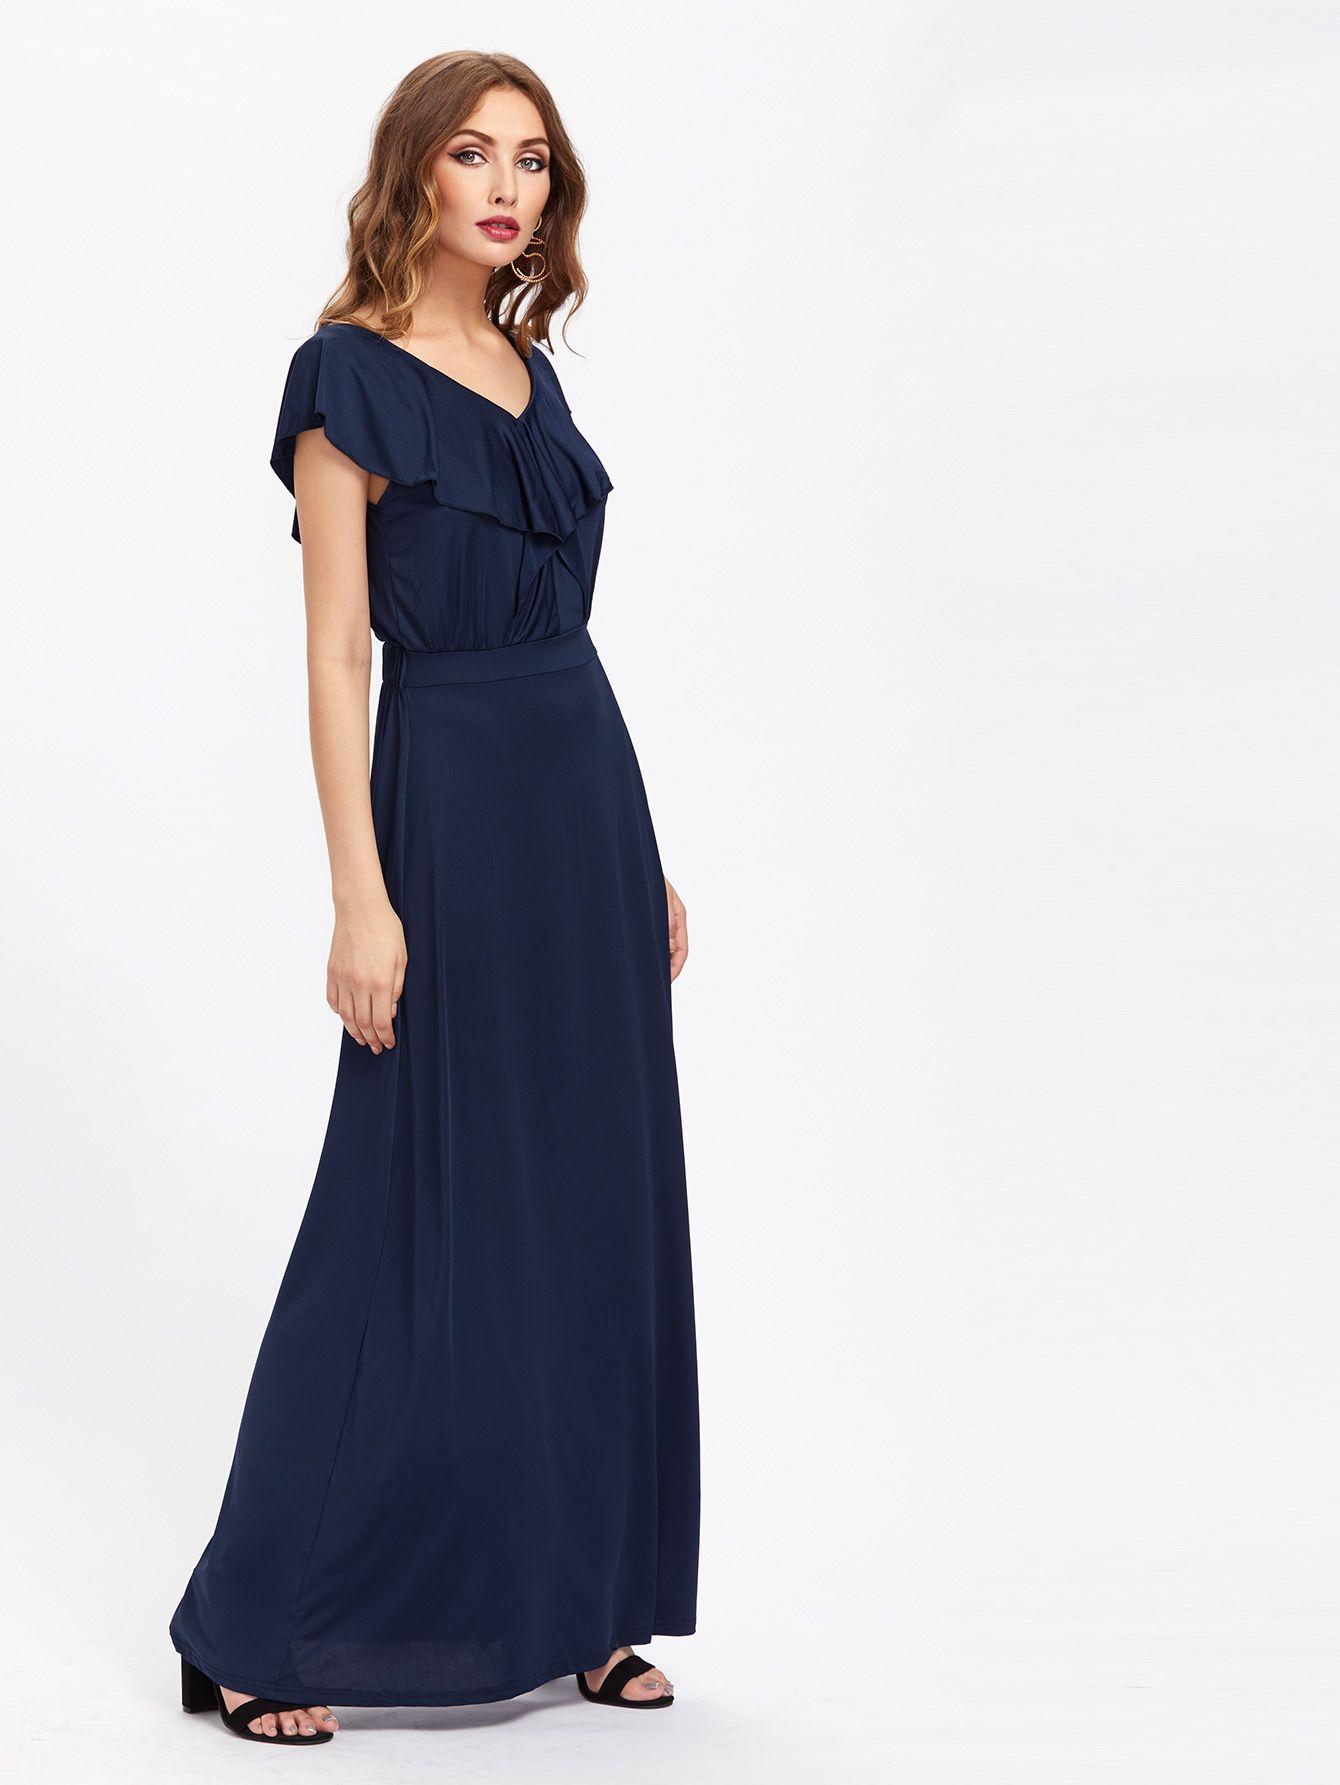 0543ebd4e3 Double V Frill Trim Full Length Dress -SheIn(Sheinside)   Virtual ...